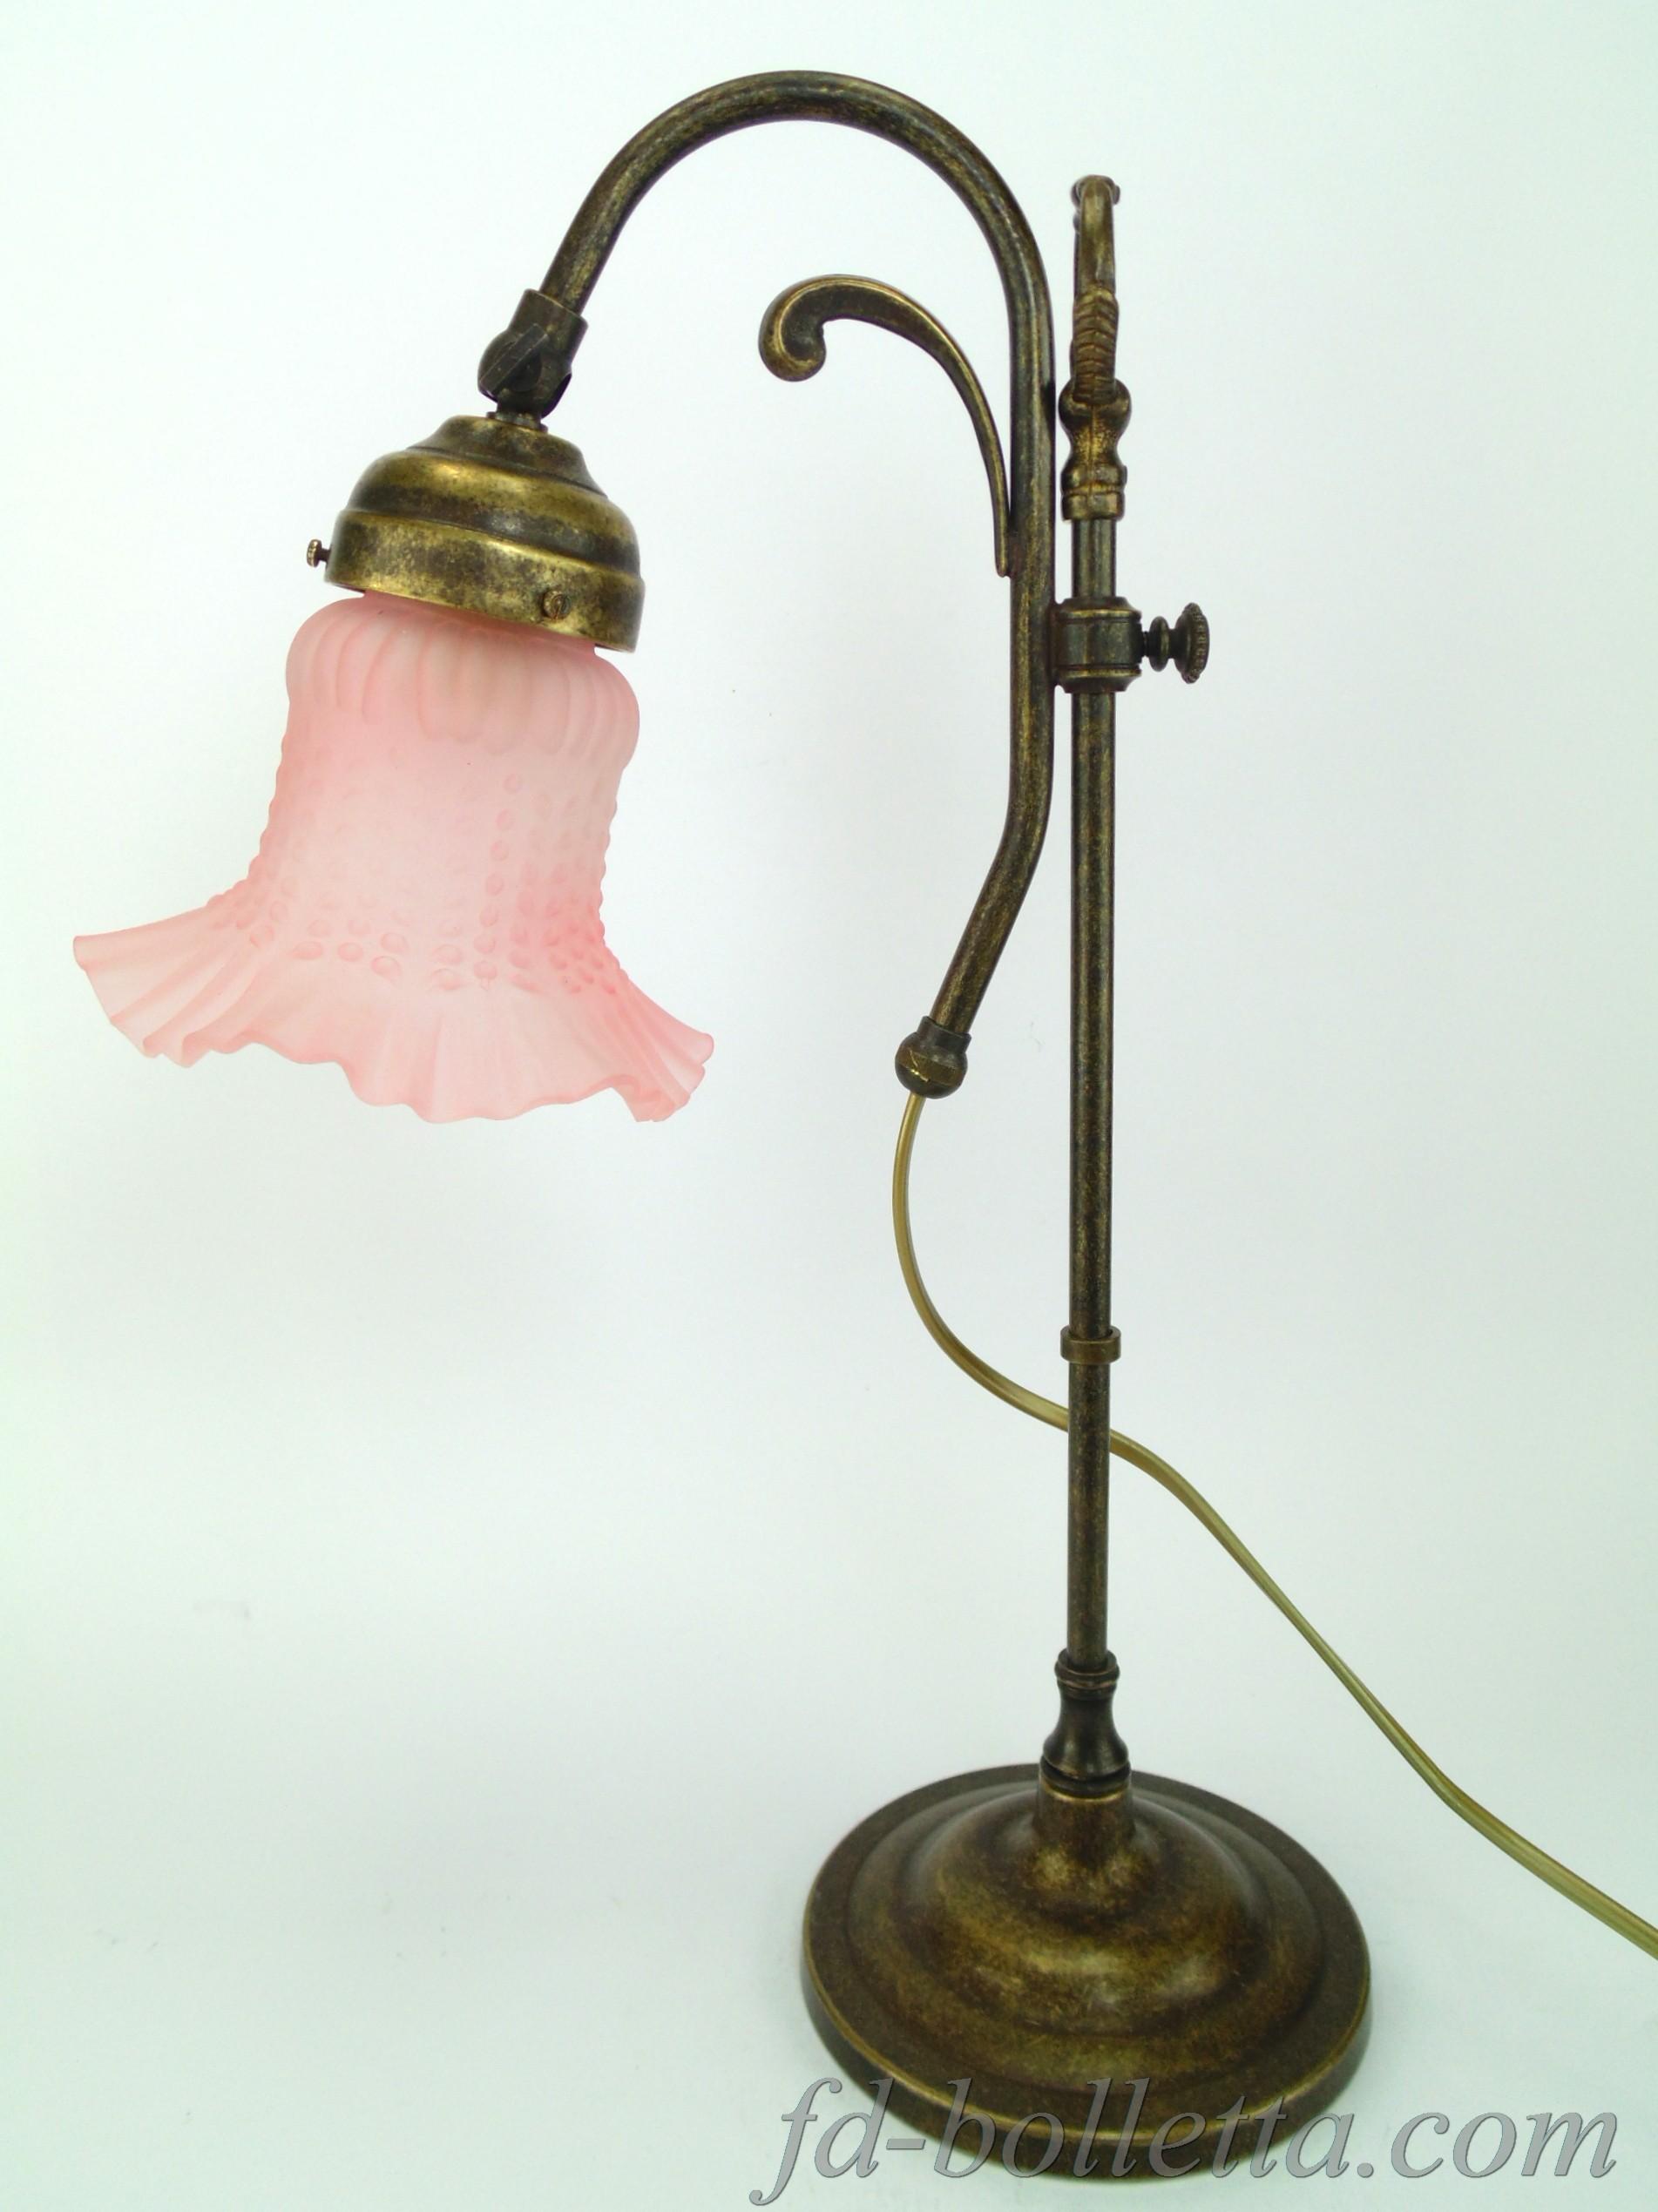 Lampade Da Tavolo Liberty : Lampada ottone brunito da tavolo lampade stile liberty